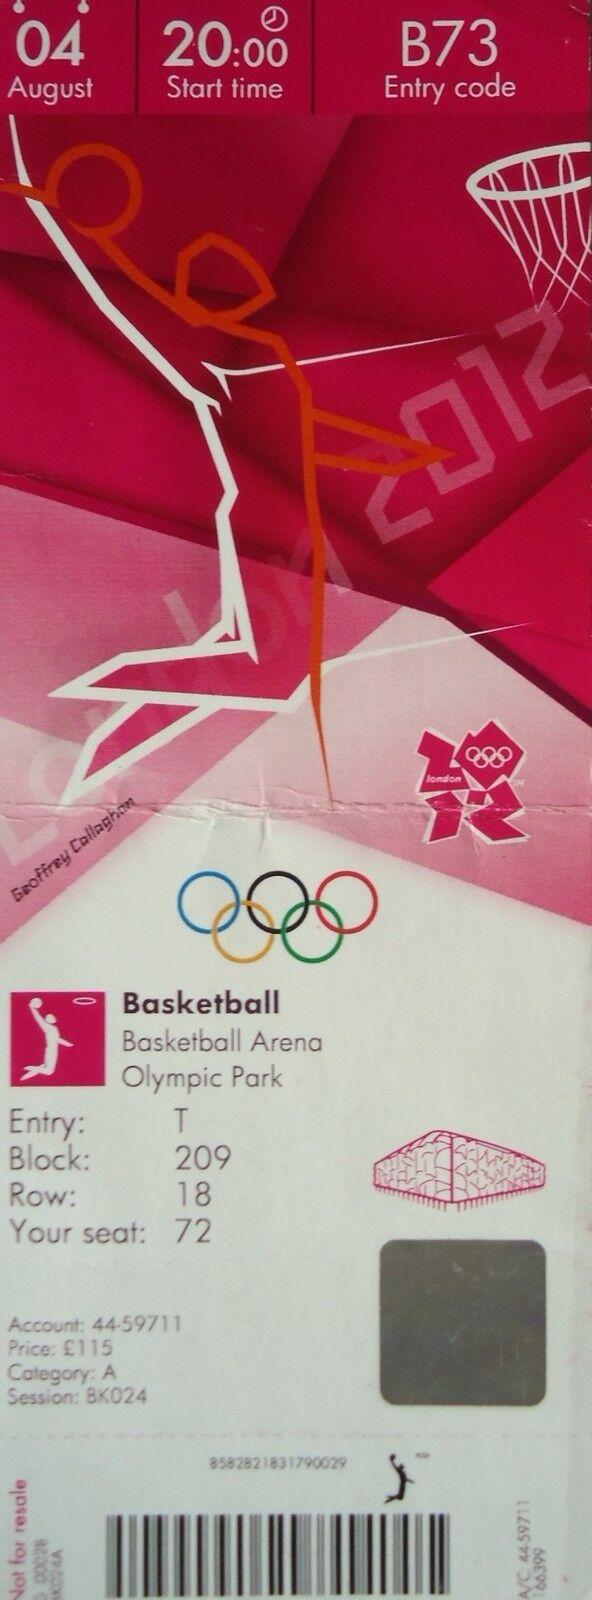 Billet Billet Billet Olympia 4.8.2012 Men 's Basketball Grande-Bretagne-Australie b73 bac5d2